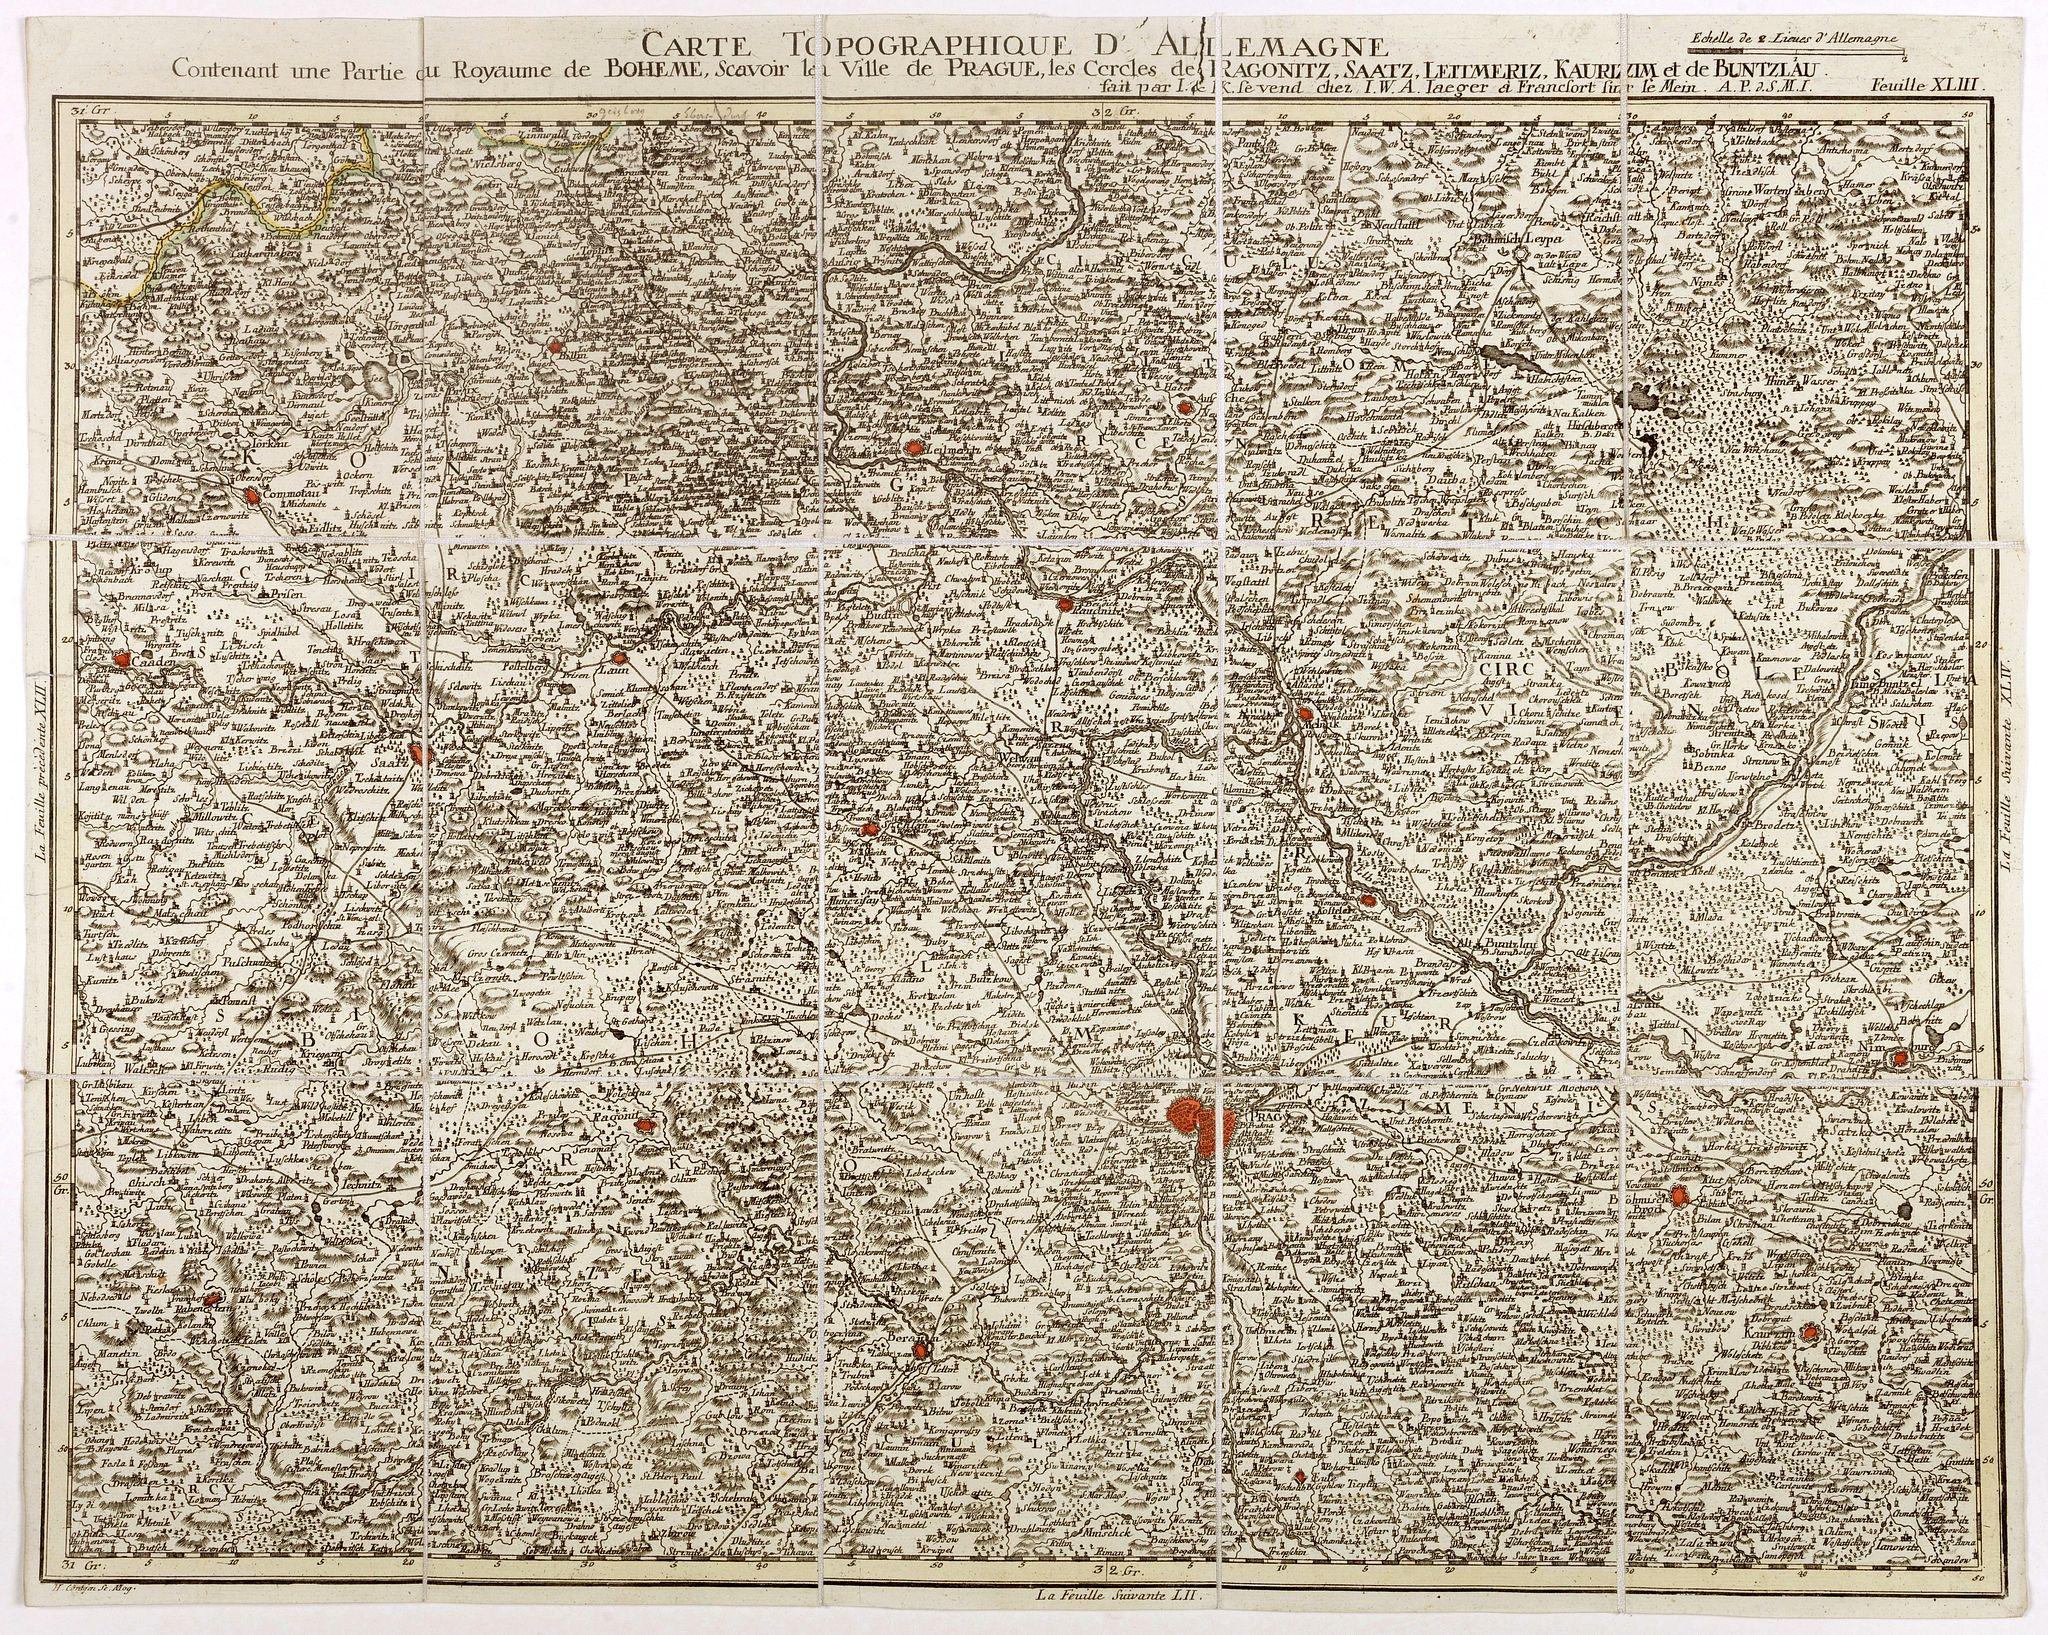 IAEGERS, I-W-A. -  Carte topographique d'Allemagne contenant une partie du royaume de Boheme. . .